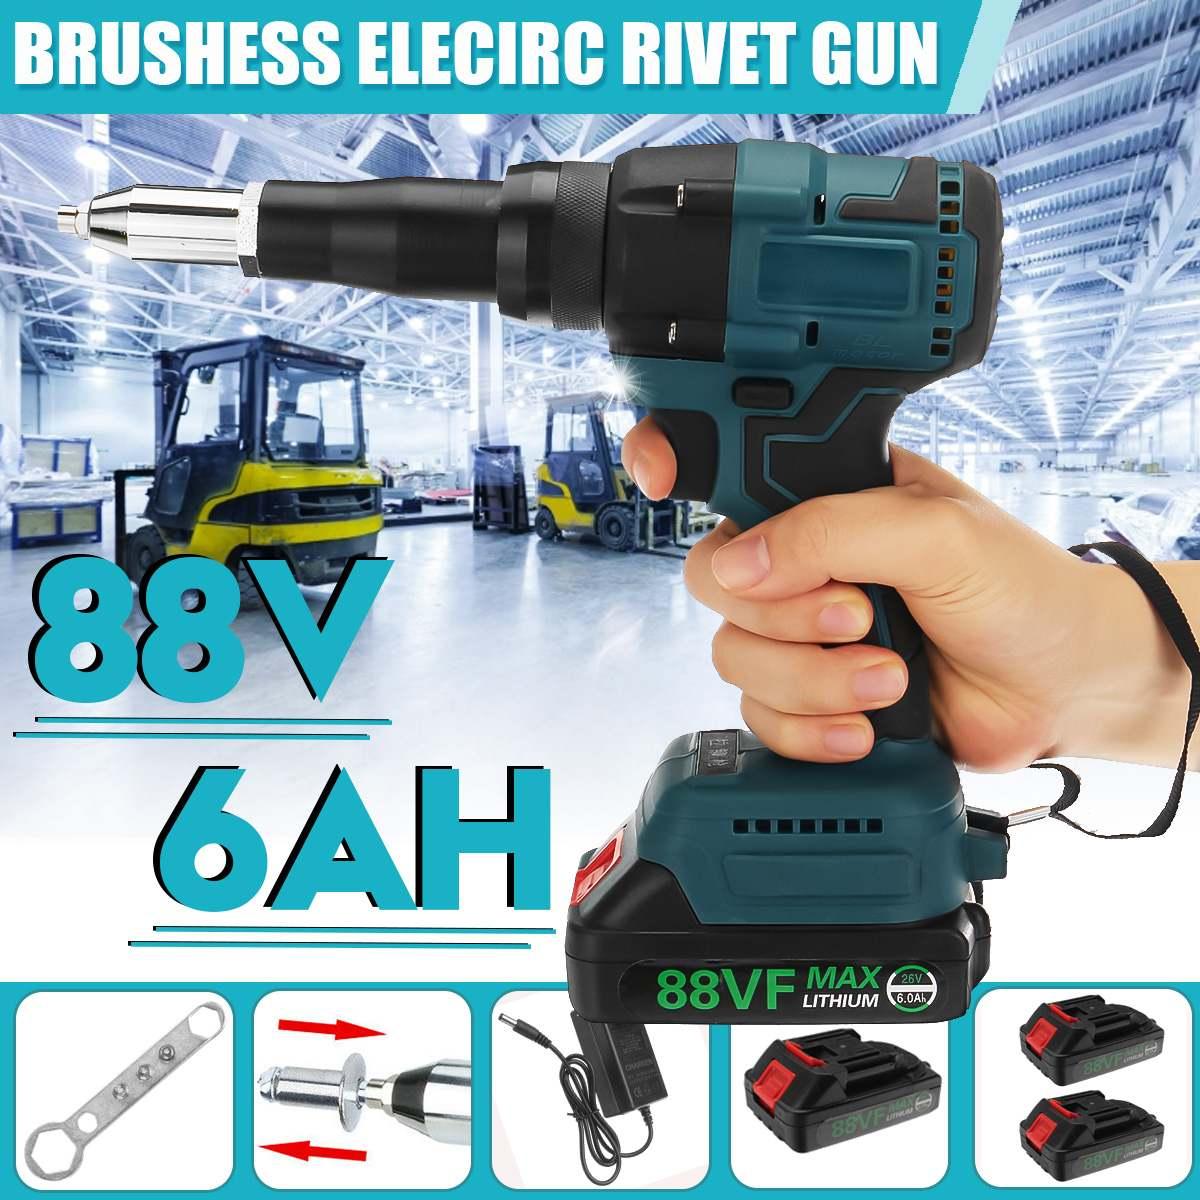 88V Brushess Electric Rivet Gun Cordless Rivet Nut Gun Drill Insert Riveting Tool With LED Light 1/2PC Battery Kit 3.2-4.8mm